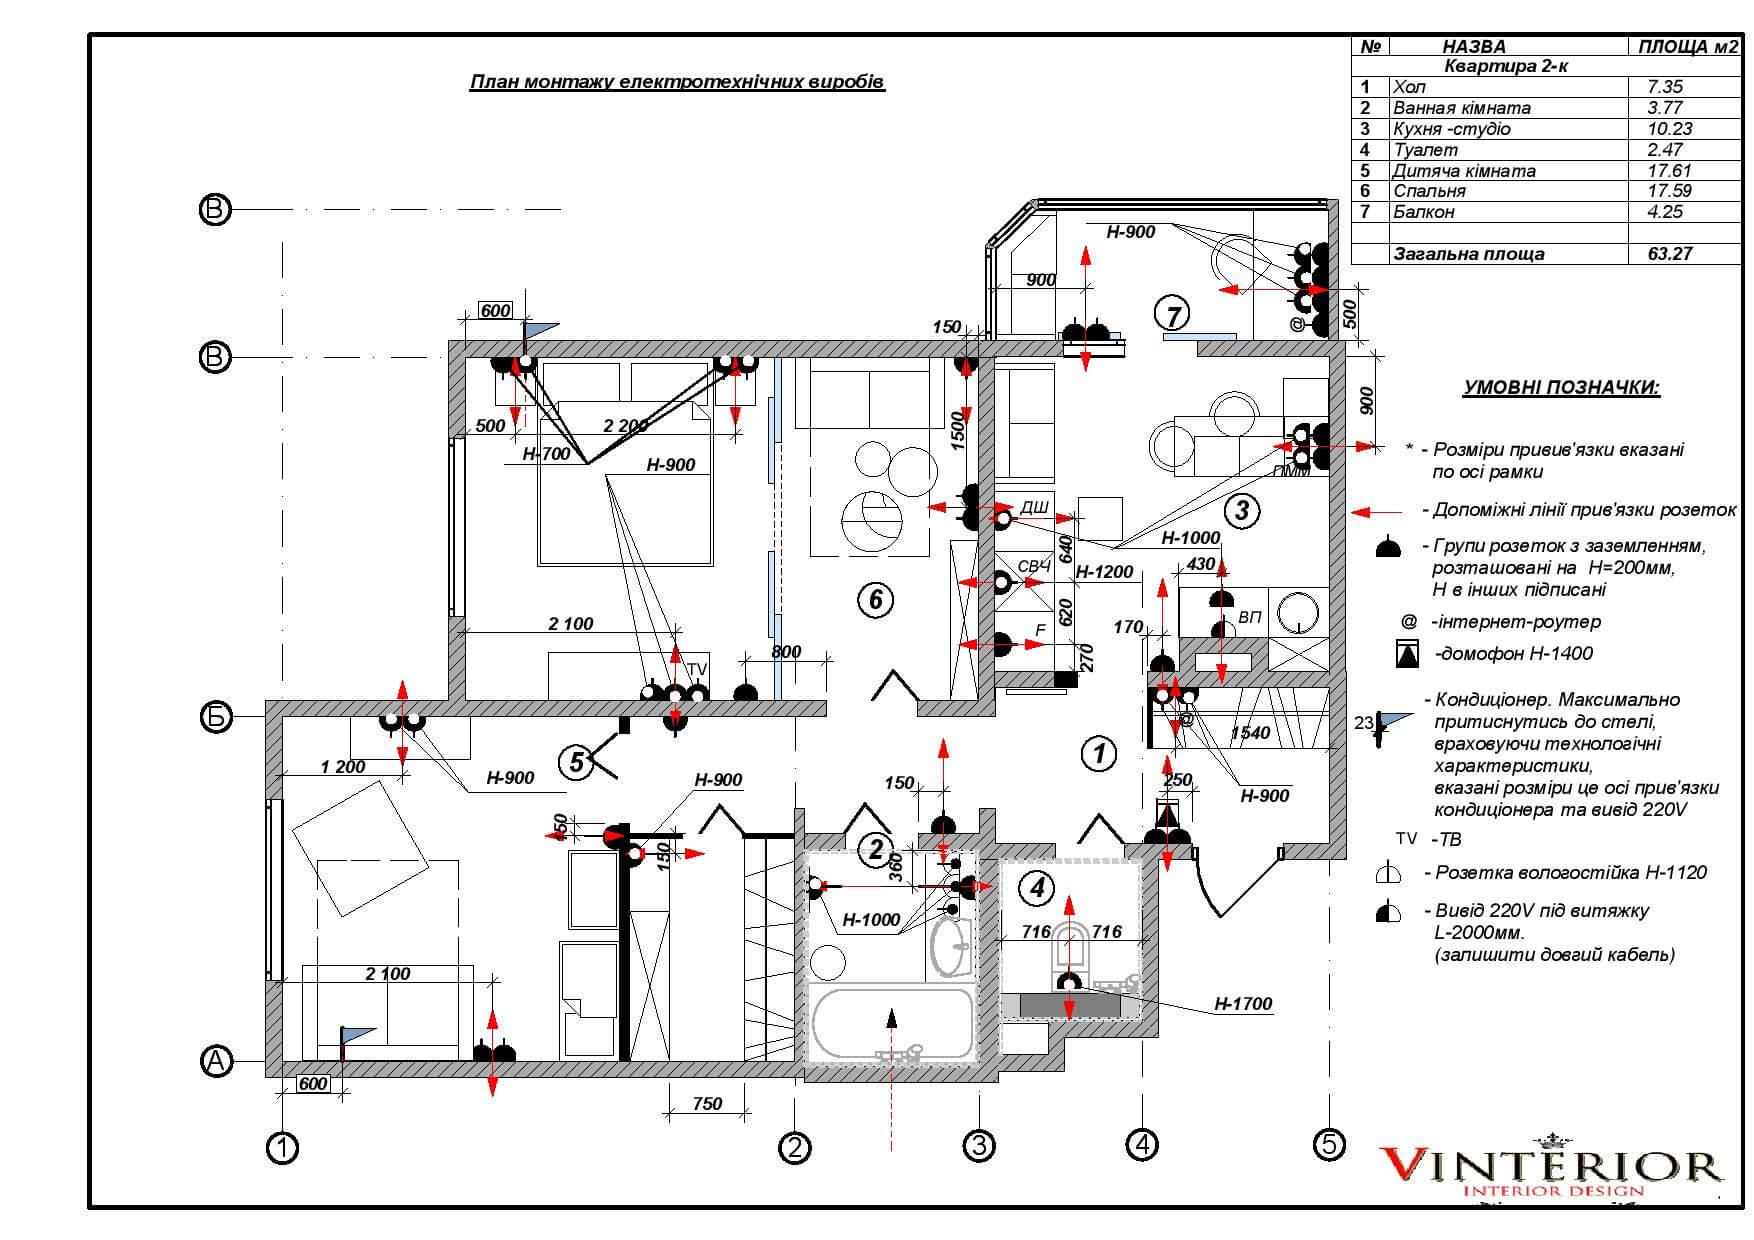 План монтажа электро-техничных изделий (розетки, интернет, кондиционеры, домофон, камеры, проекторы, электро-выводи и т.д.)